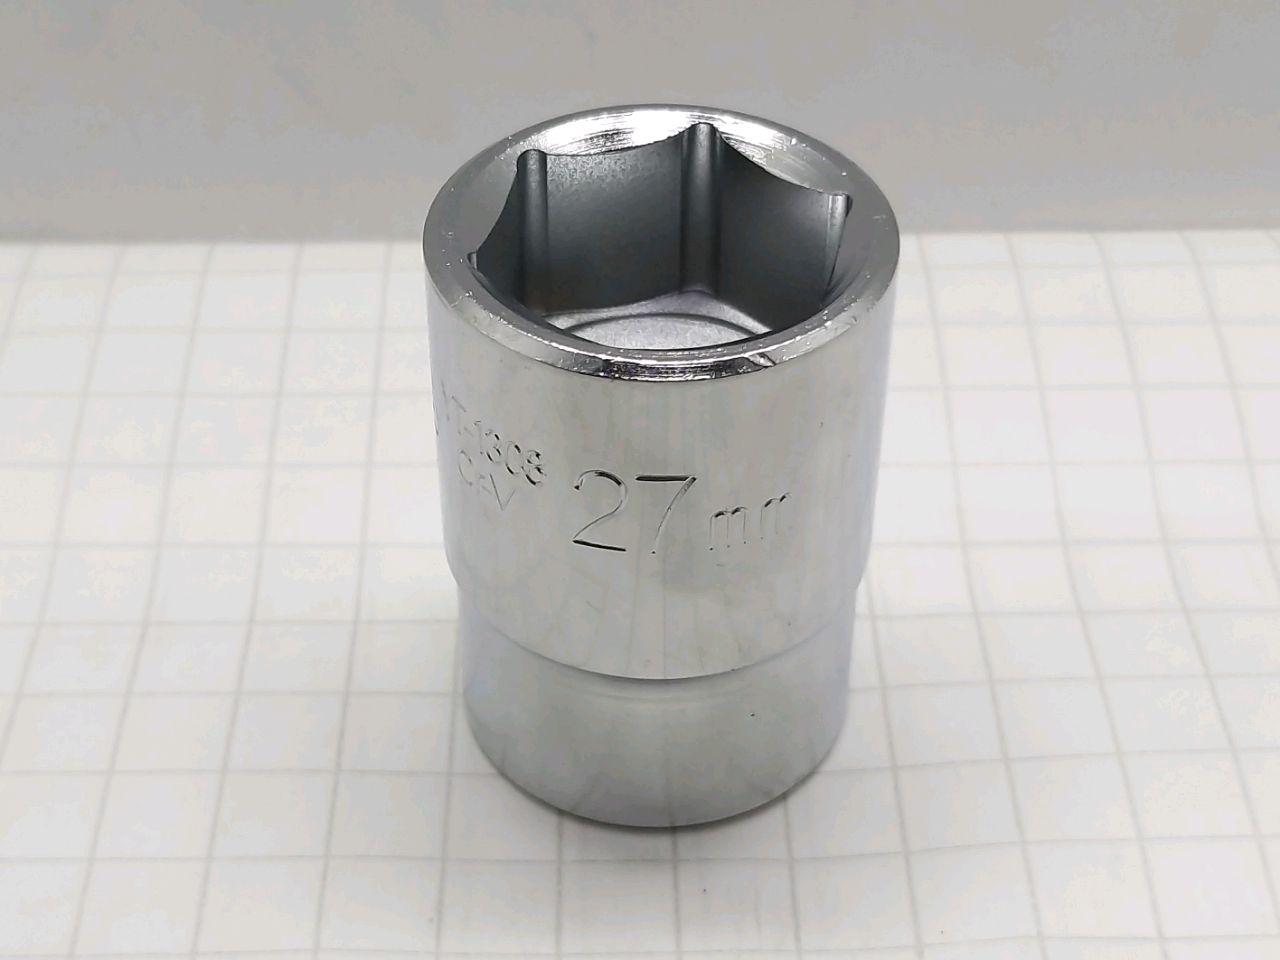 Cap hexagonal 3/4 27mm